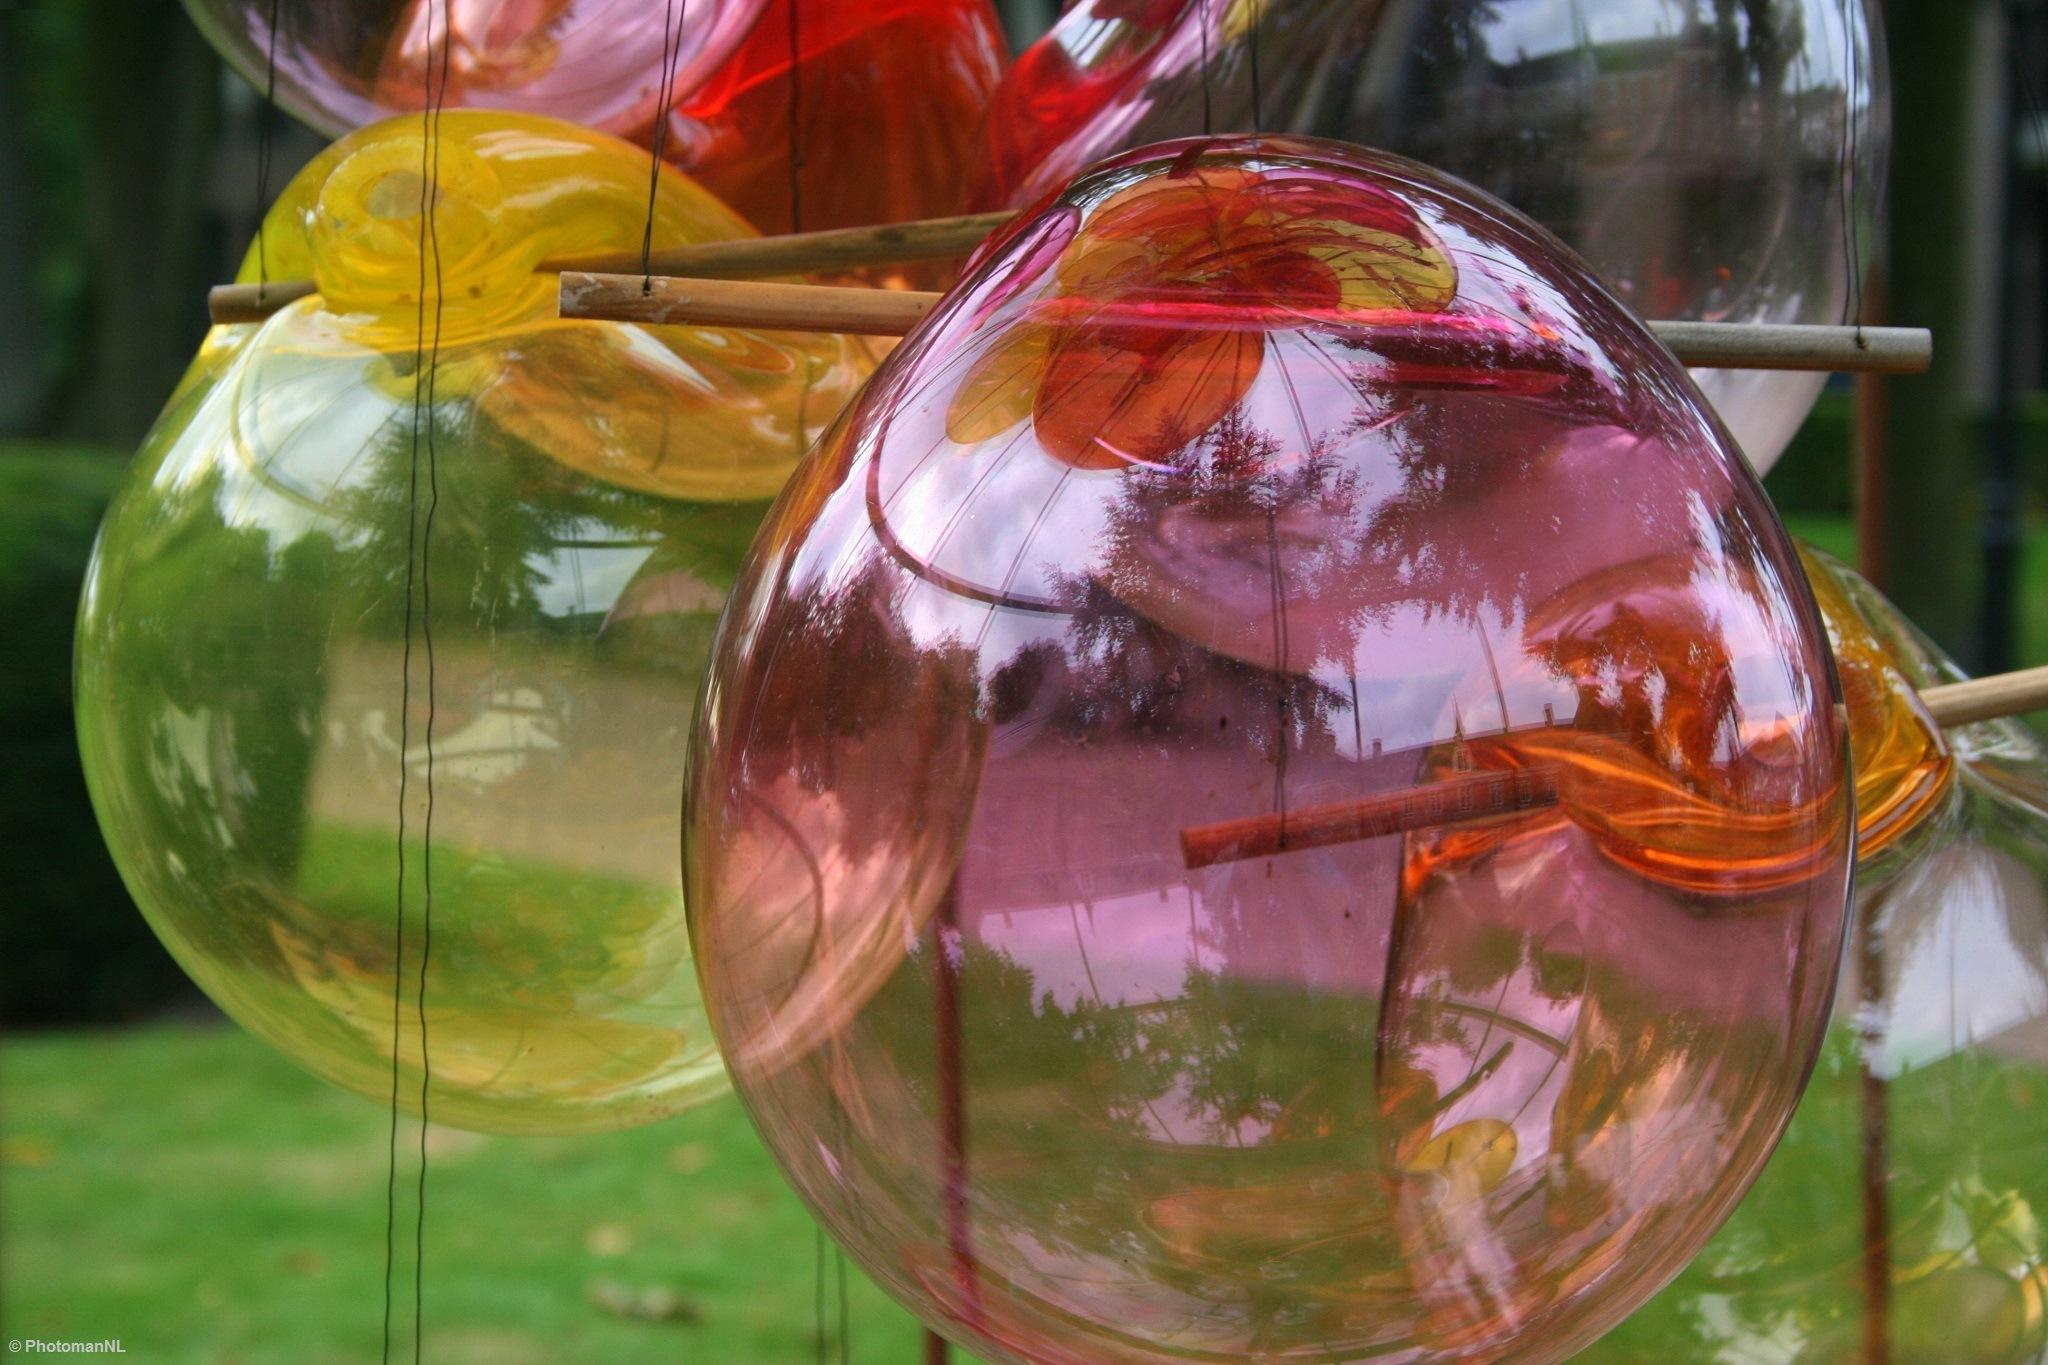 Glass art by PhotomanNL